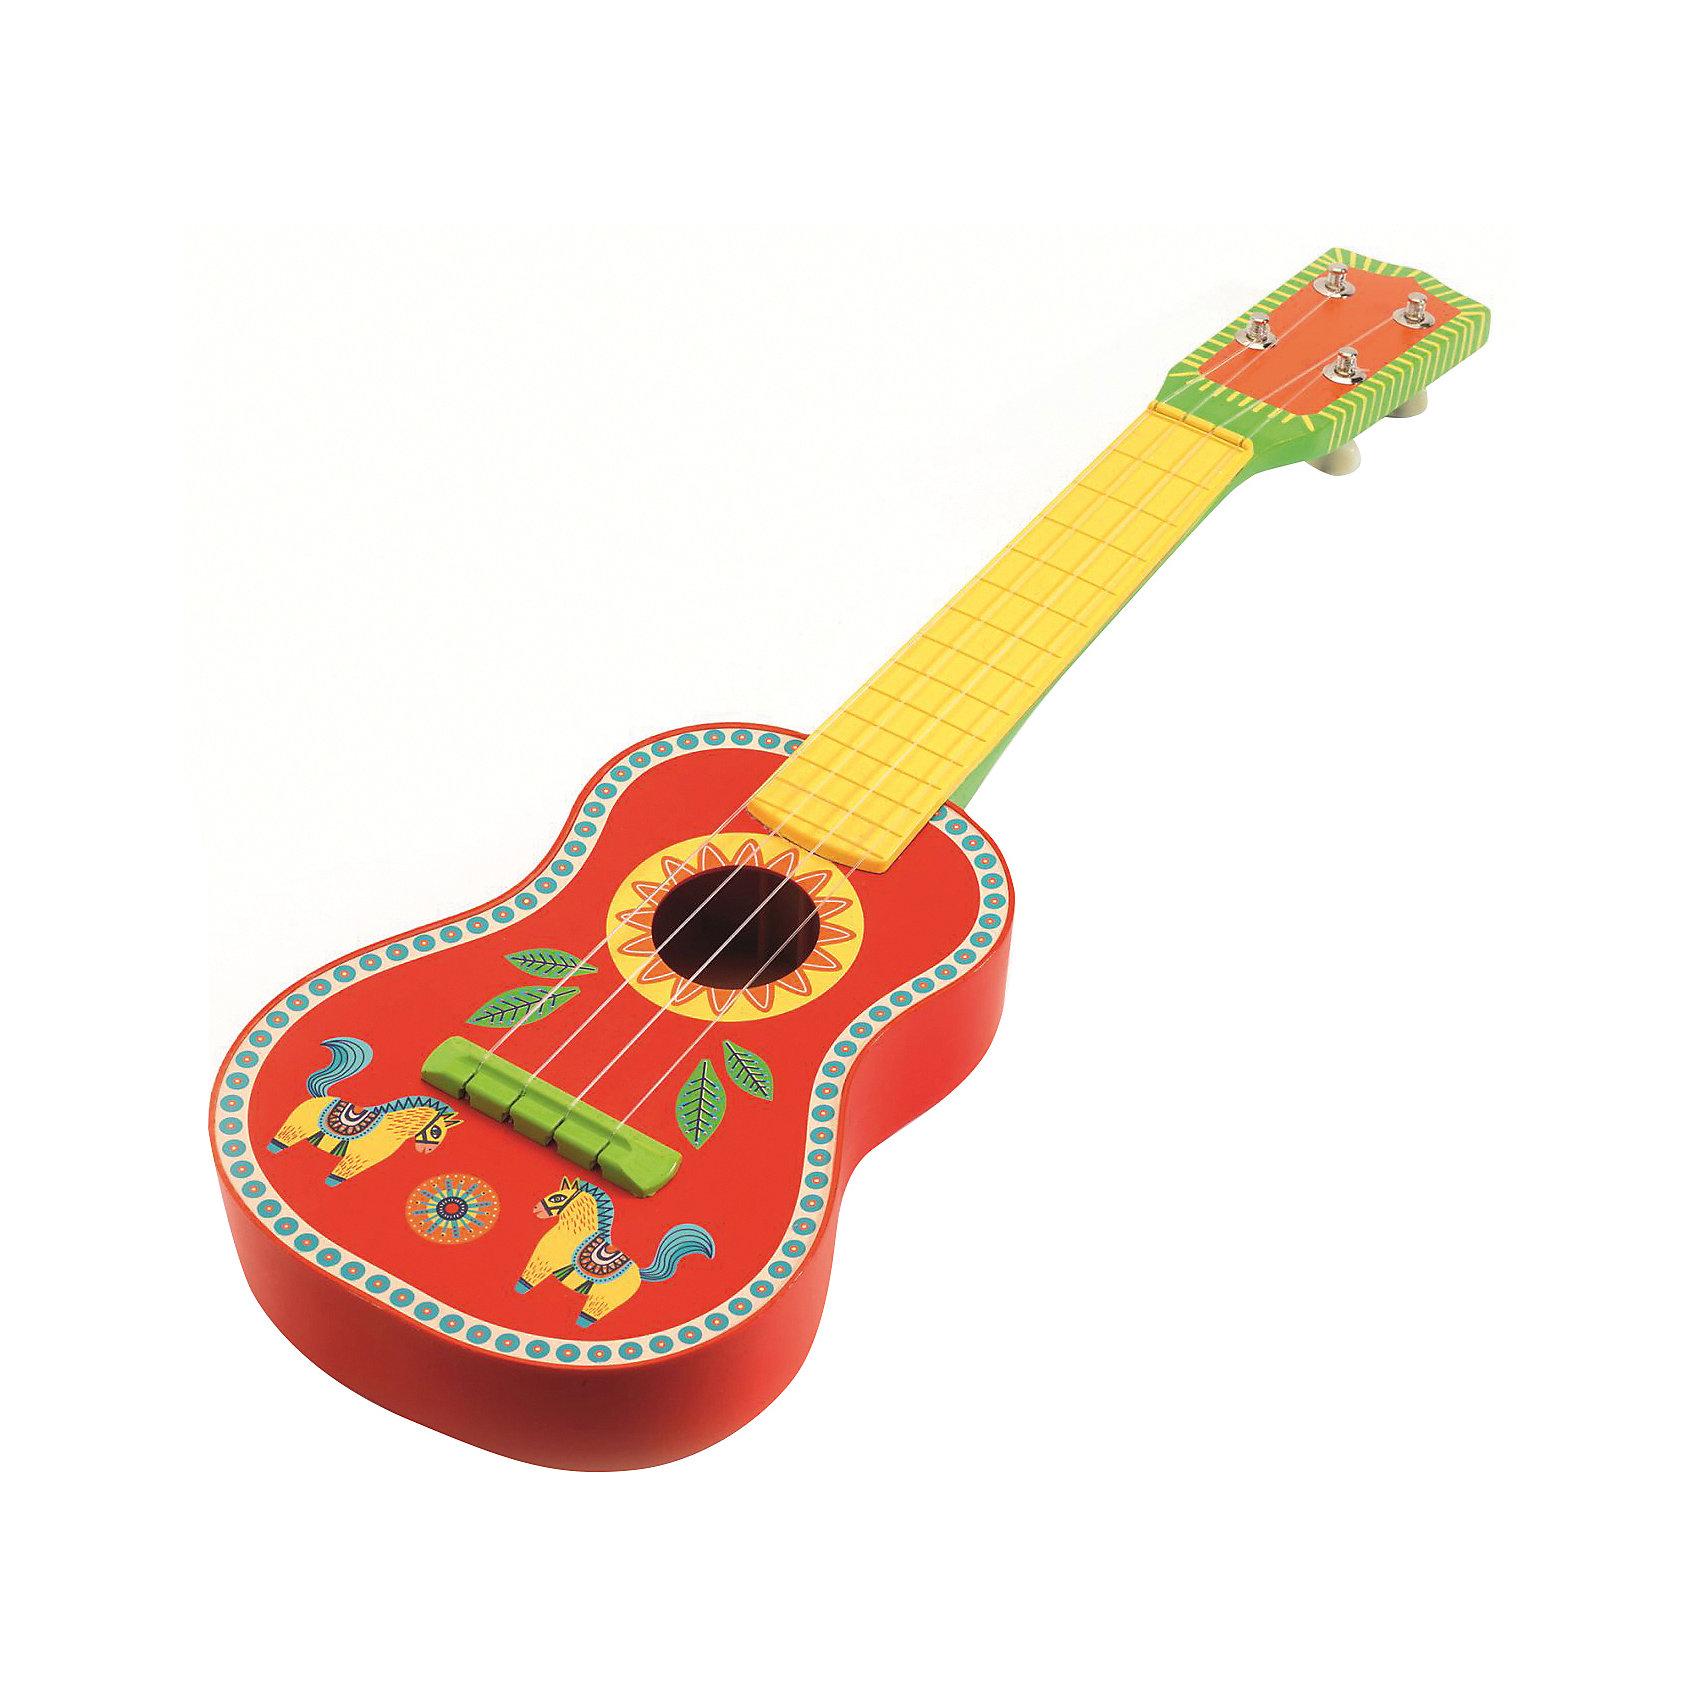 Гитара, DJECOКрасивая звонкая гитара от Djeco станет прекрасным подарком для каждого юного меломана. Деревянная гитара раскрашена яркими красками, имеет хороший звук и удобные размеры для маленьких детских ручек. Новая гитара от Djeco станет прекрасным пополнением к остальной коллекции музыкальных инструментов.<br><br>Ширина мм: 70<br>Глубина мм: 200<br>Высота мм: 550<br>Вес г: 770<br>Возраст от месяцев: 36<br>Возраст до месяцев: 1188<br>Пол: Унисекс<br>Возраст: Детский<br>SKU: 4761455